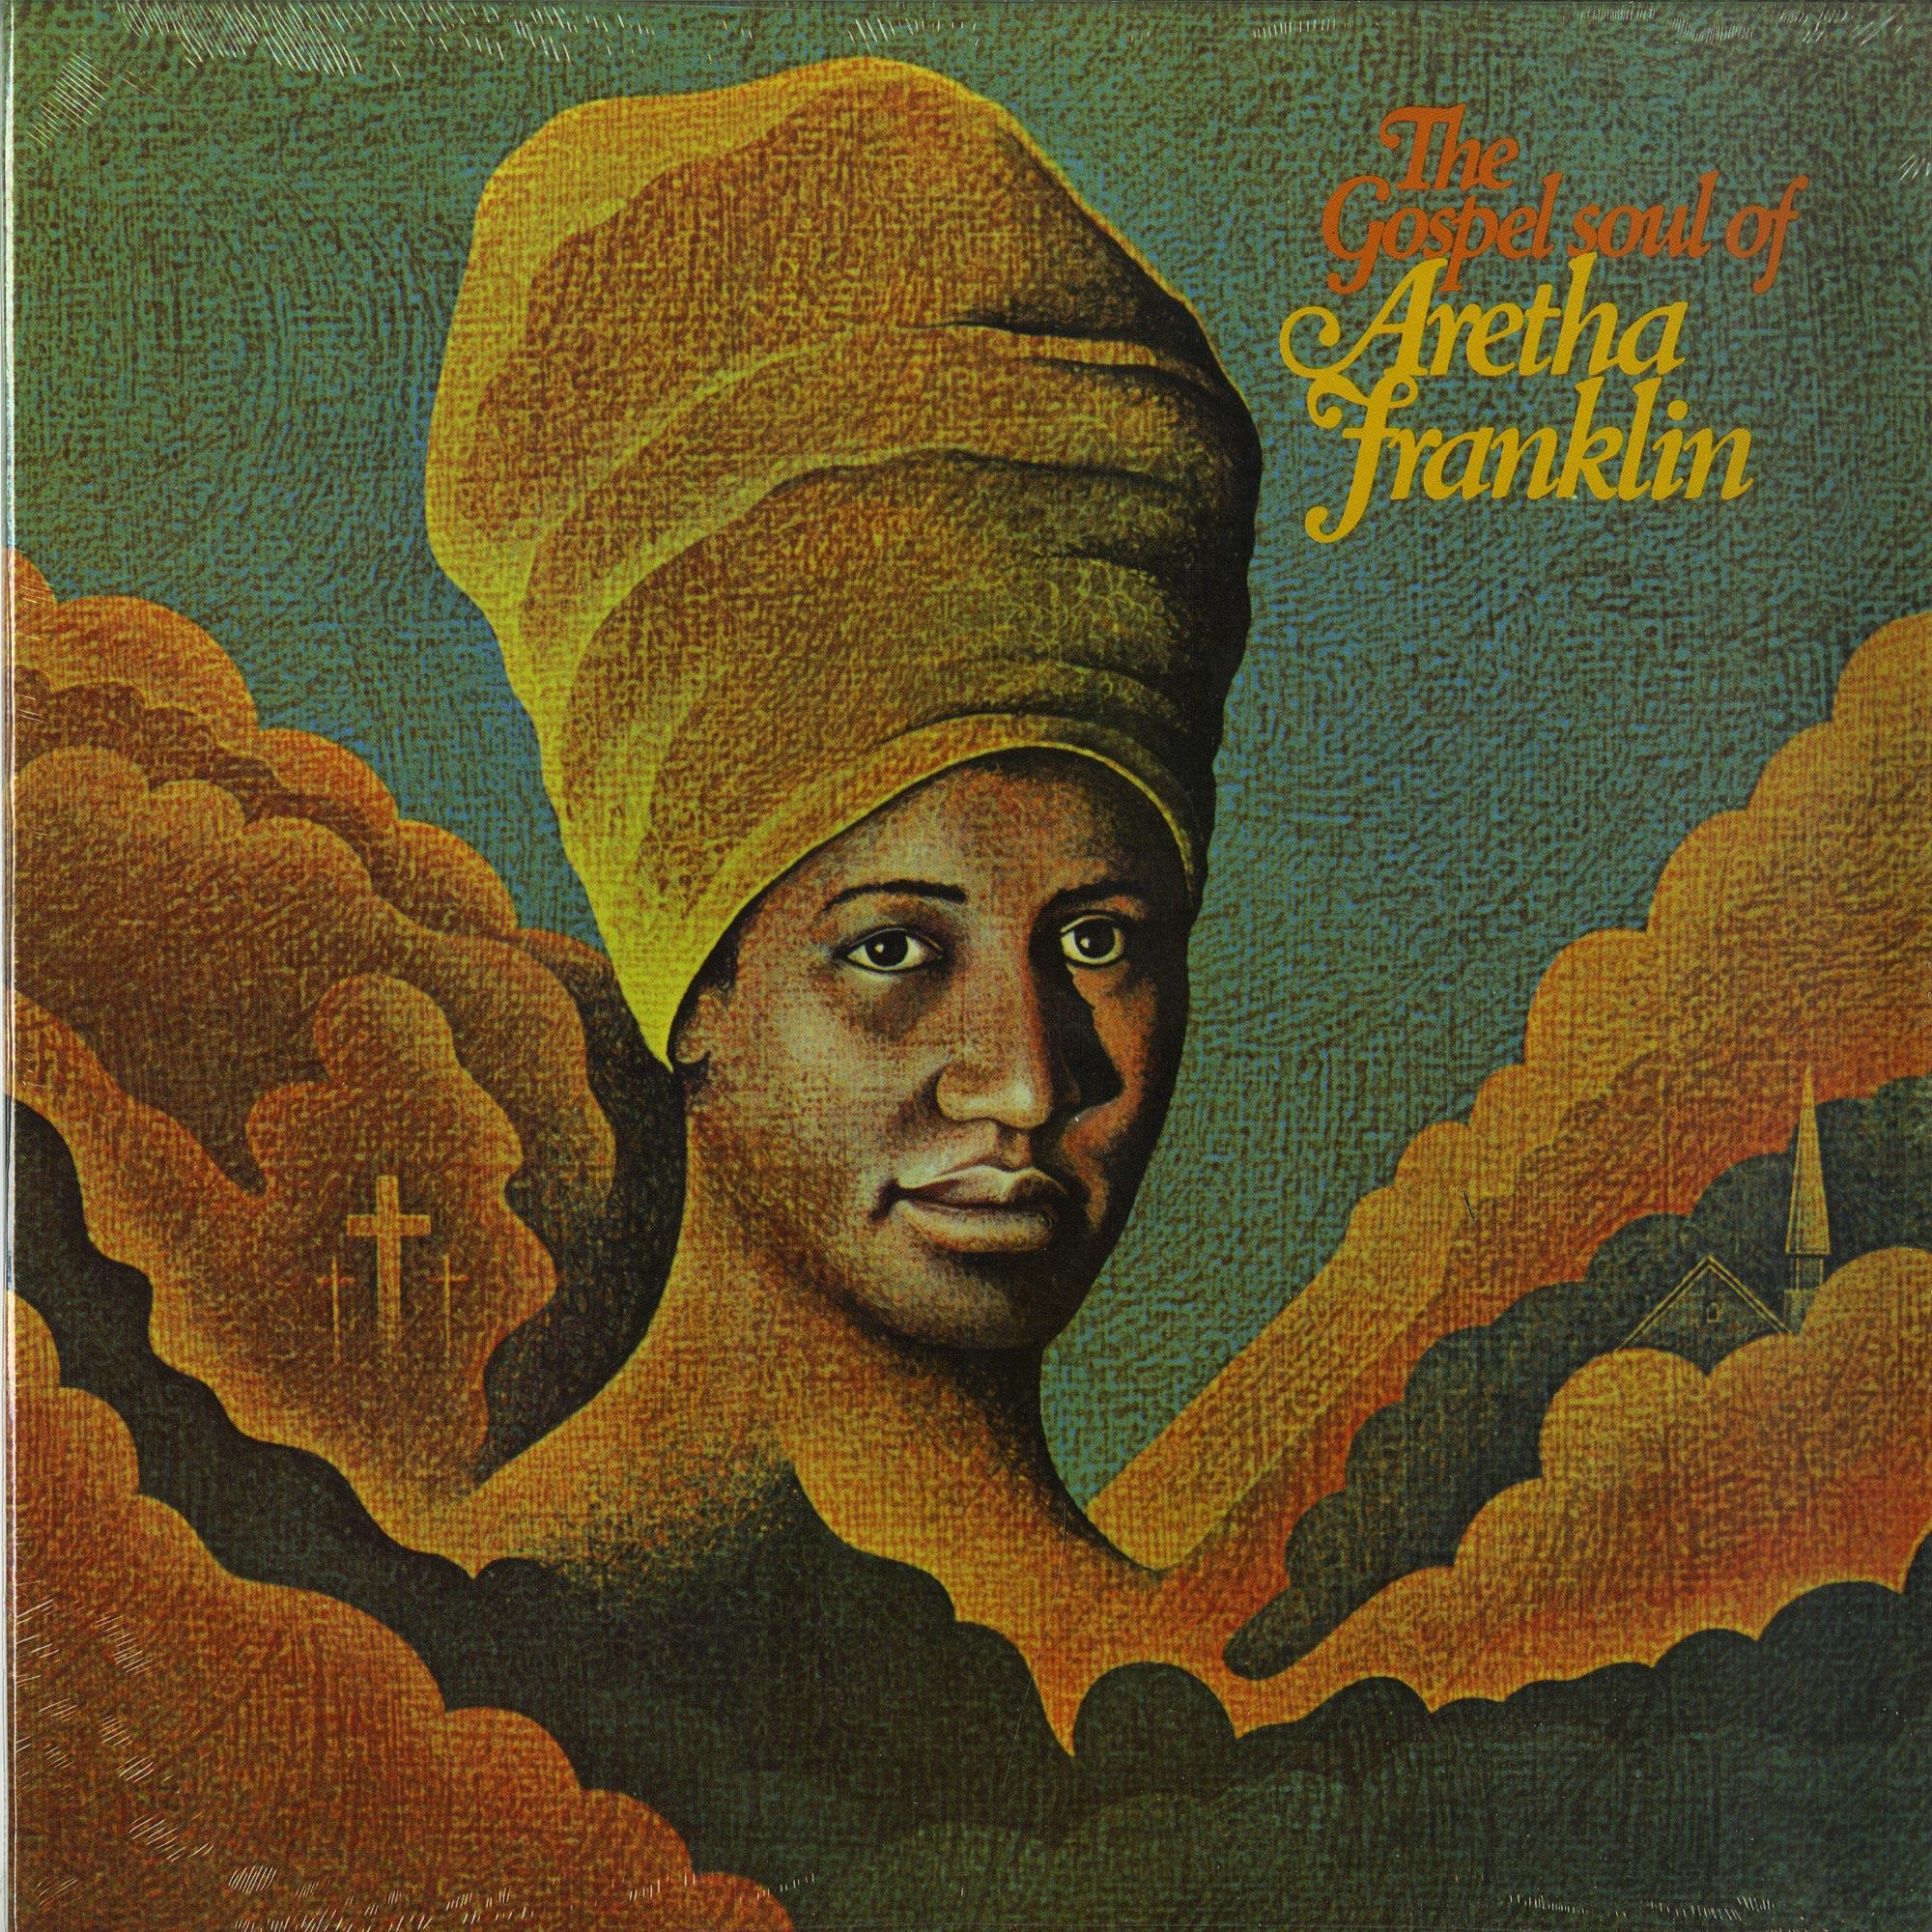 Aretha Franklin - THE GOSPEL SOUL OF ARETHA FRANKLIN